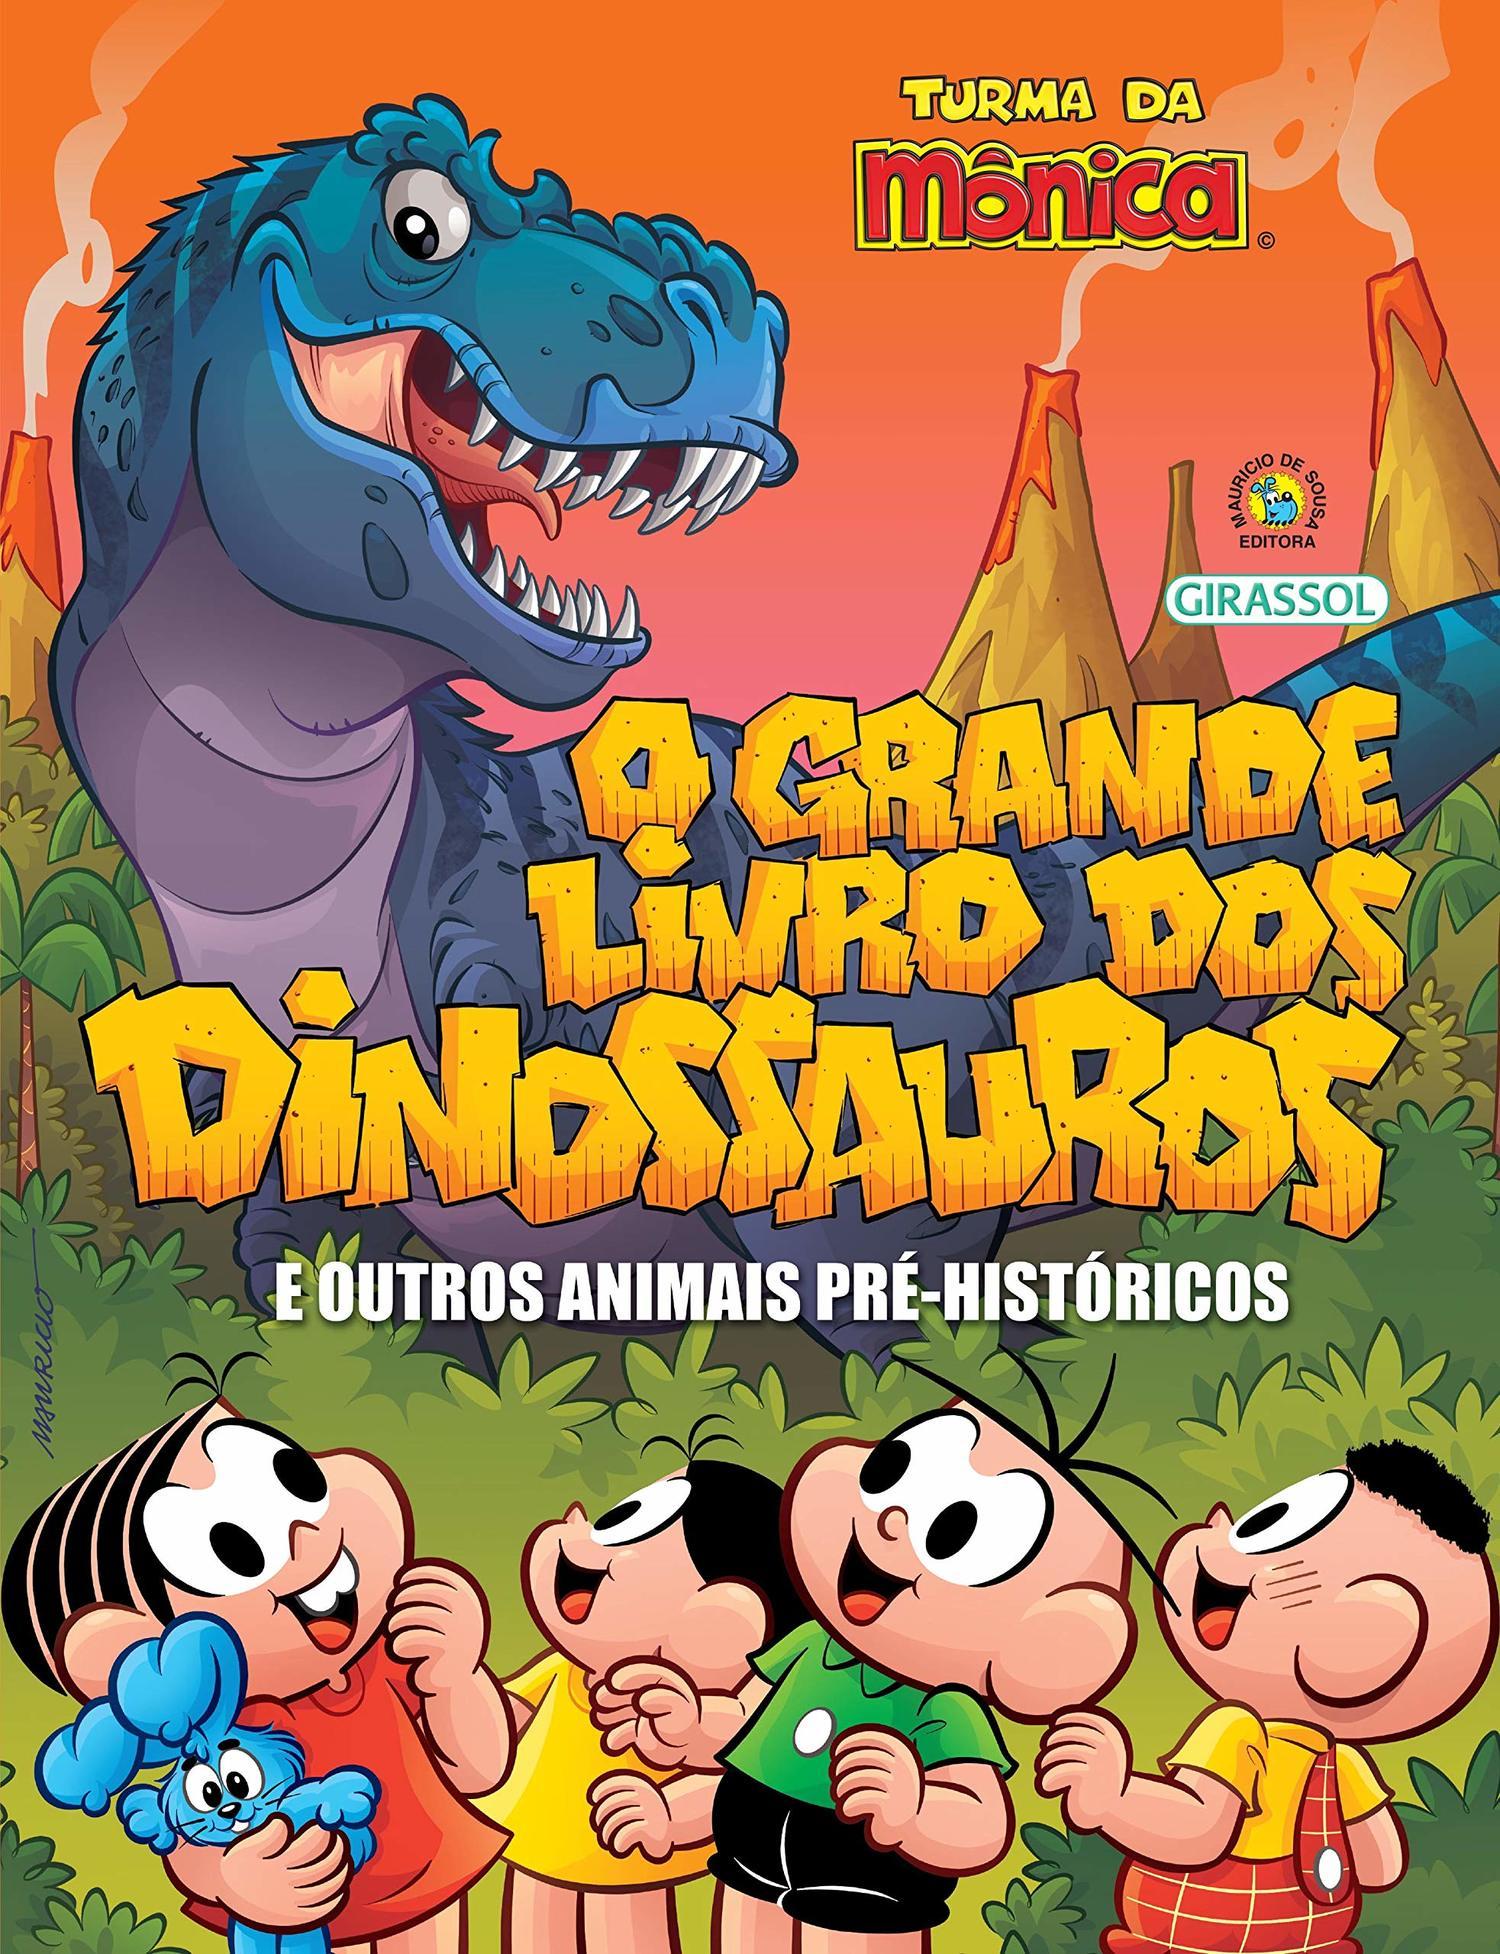 TURMA DA MÔNICA - O GRANDE LIVRO DOS DINOSSAUROS E OUTROS ANIMAIS PRÉ-HISTÓRICOS